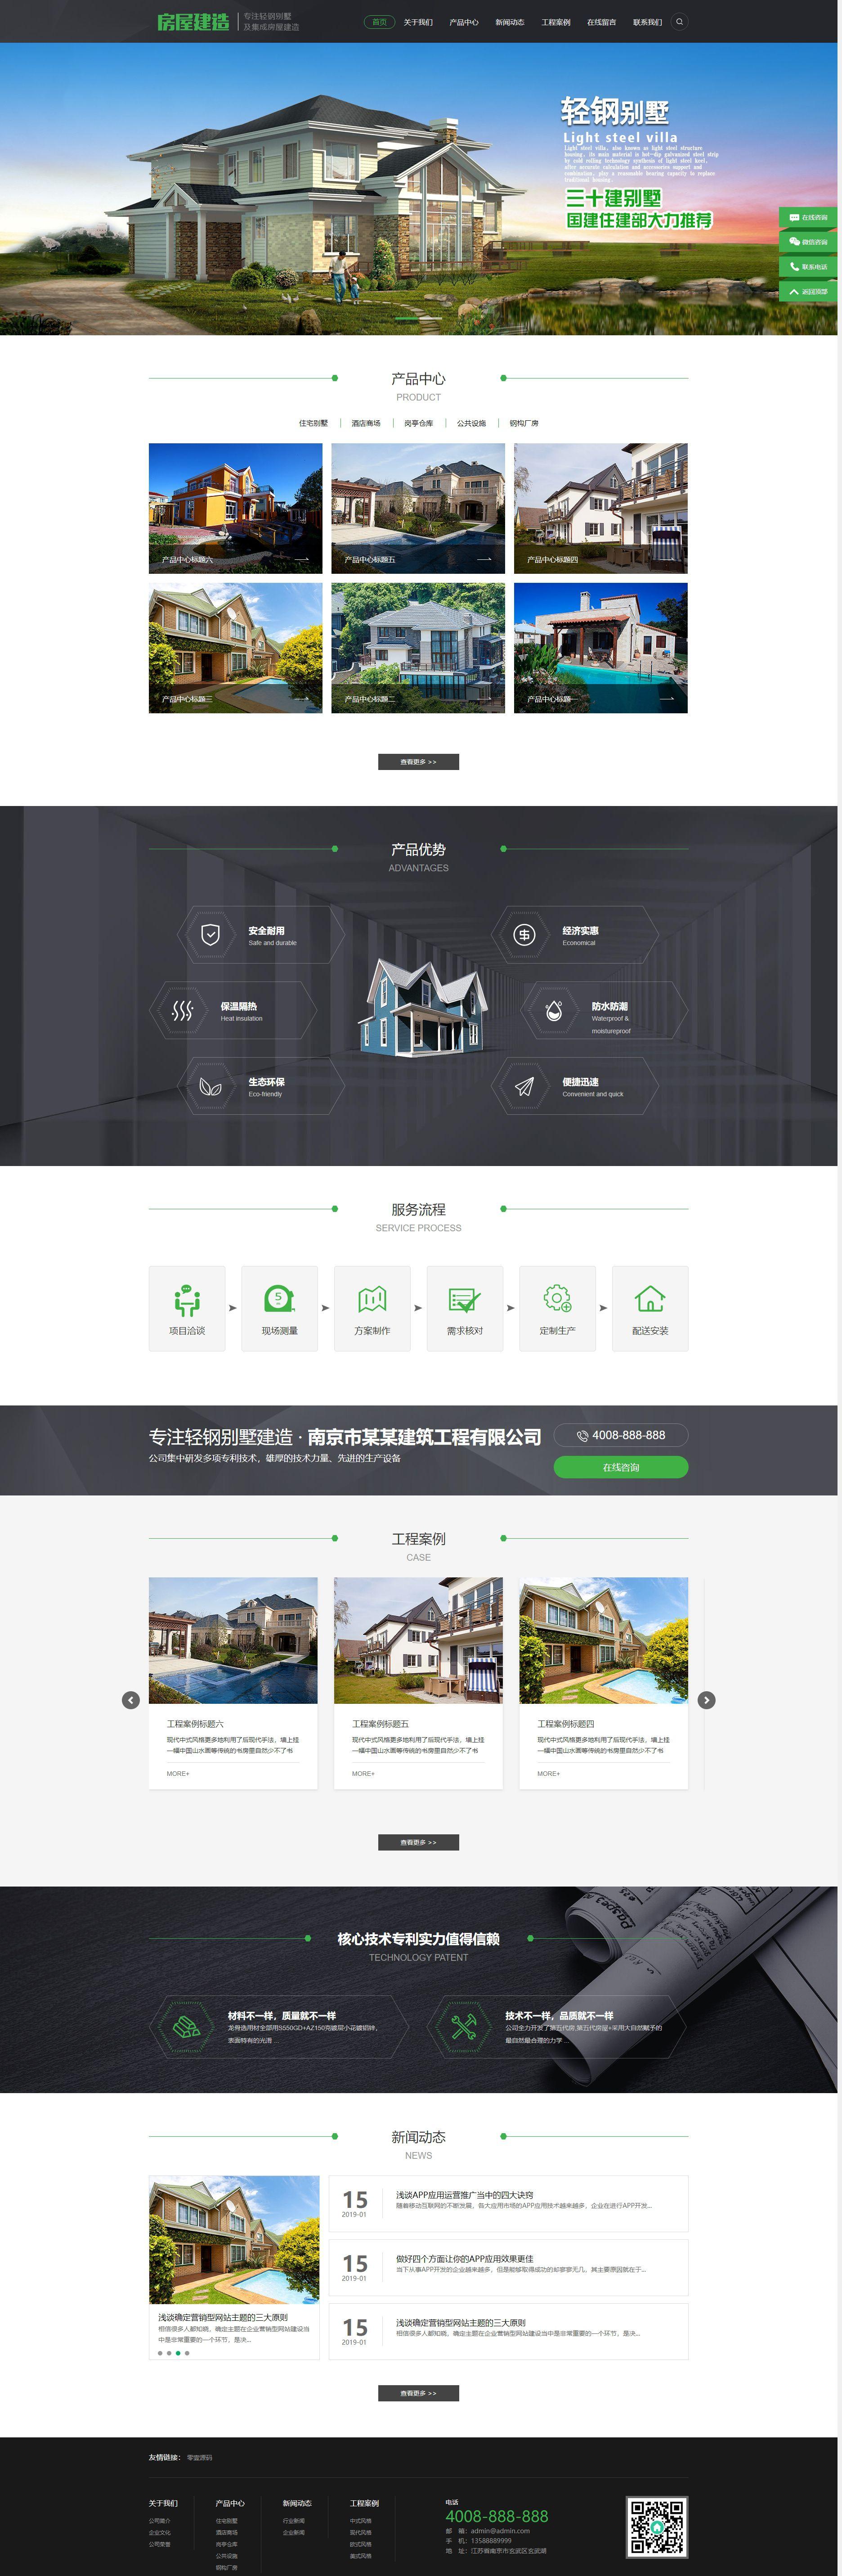 地产房屋建筑建造装修类网站织梦dedecms模板(带手机端)